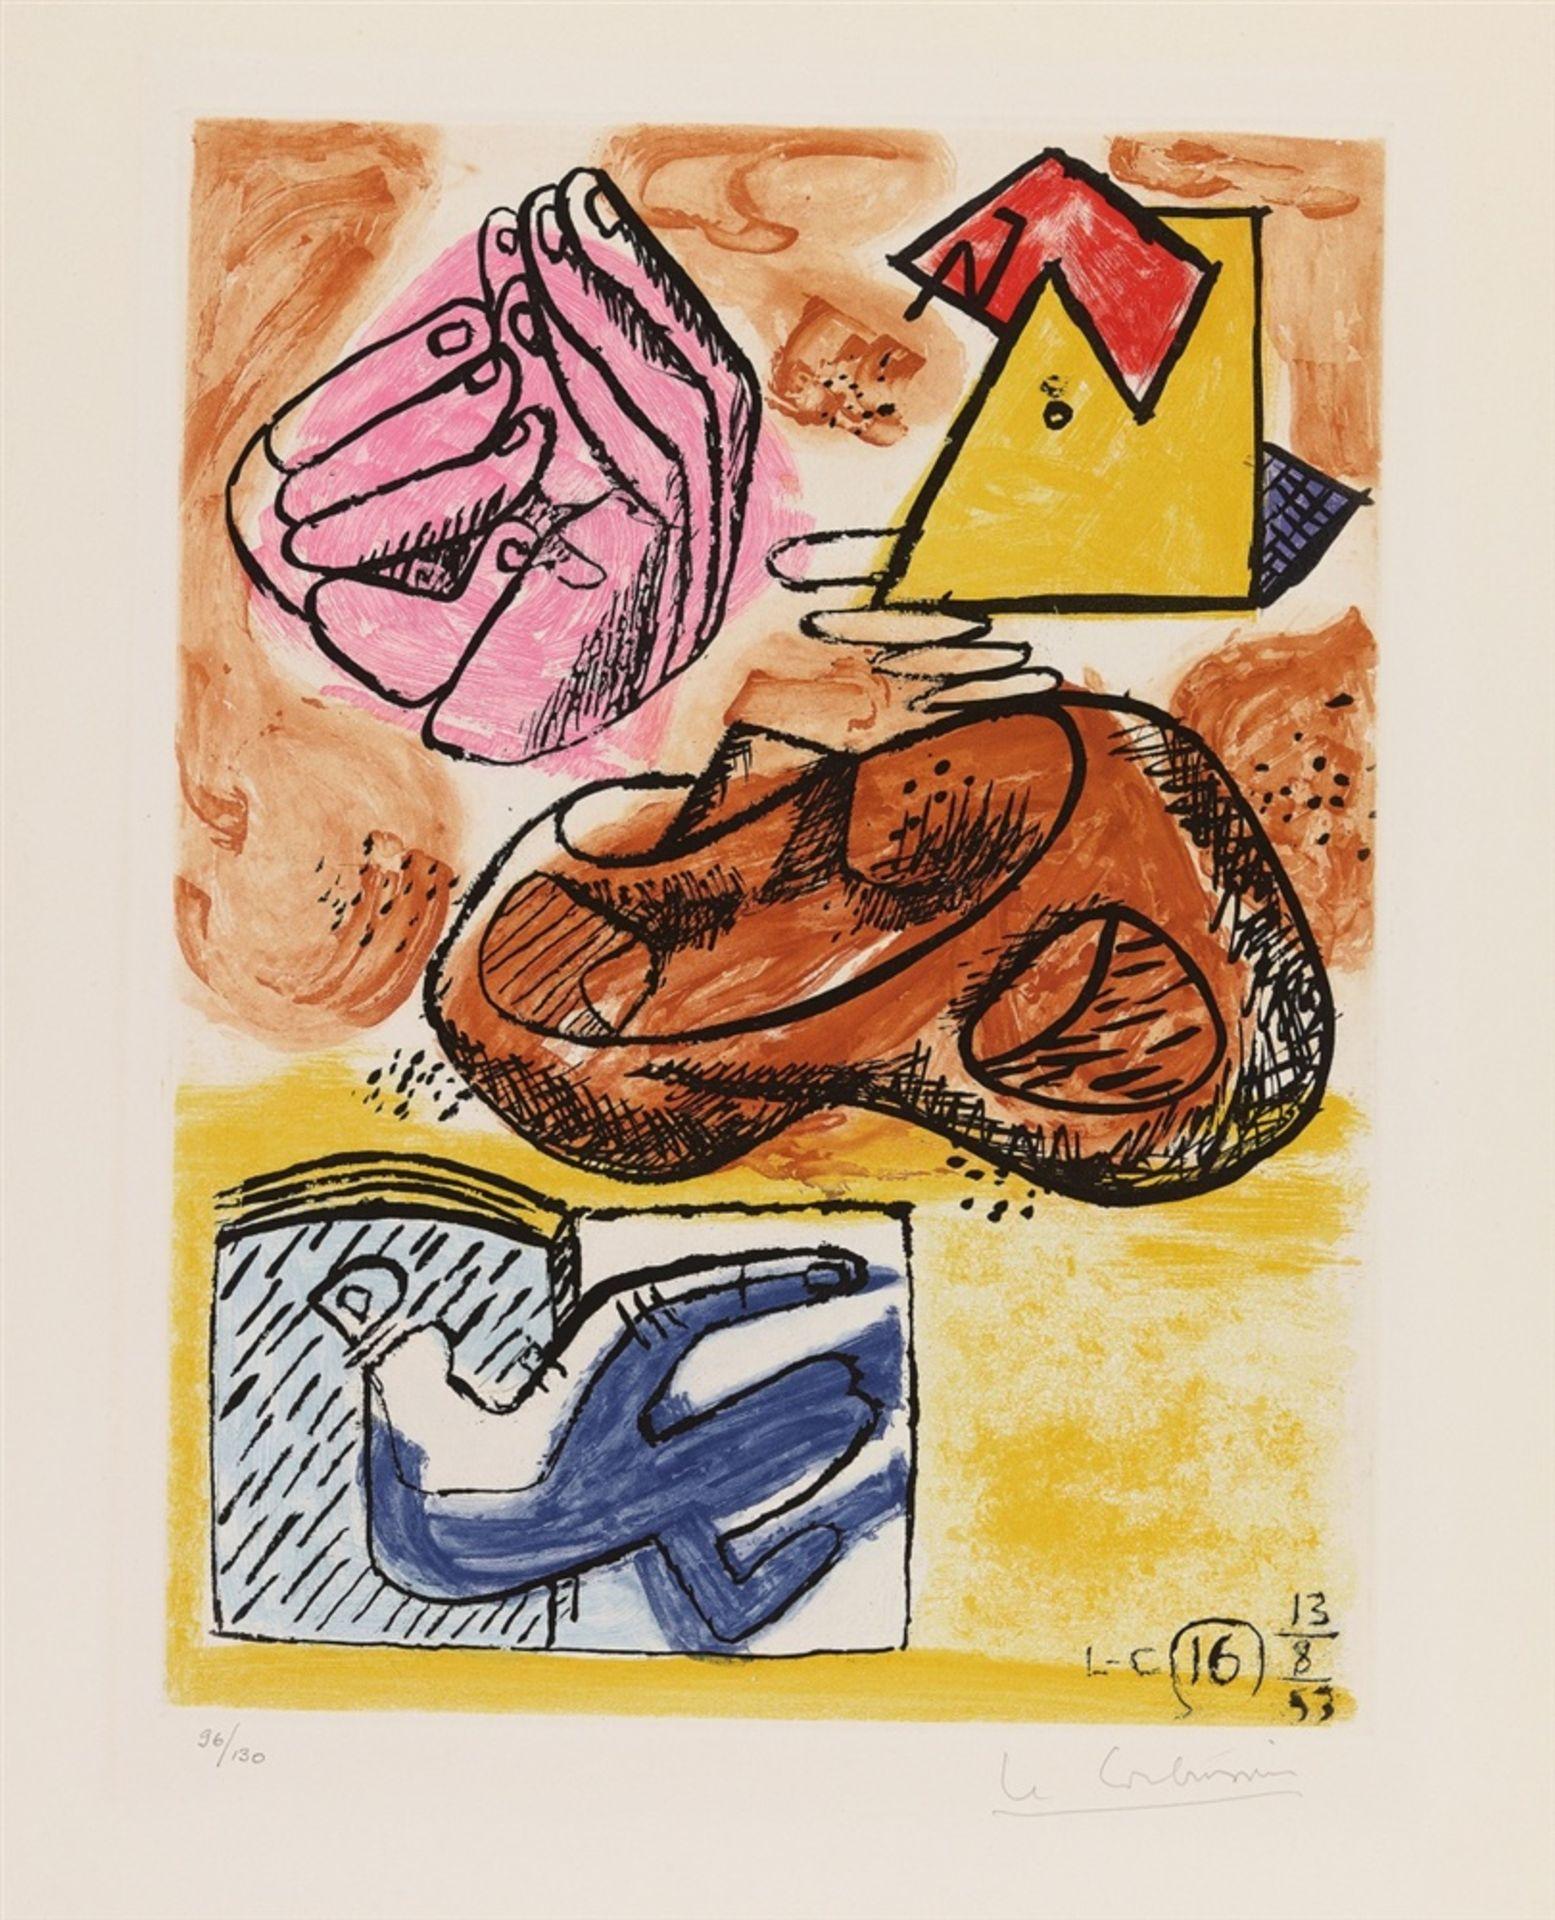 Le Corbusier (Charles-Édouard Jeanneret)Unité - Bild 16 aus 27